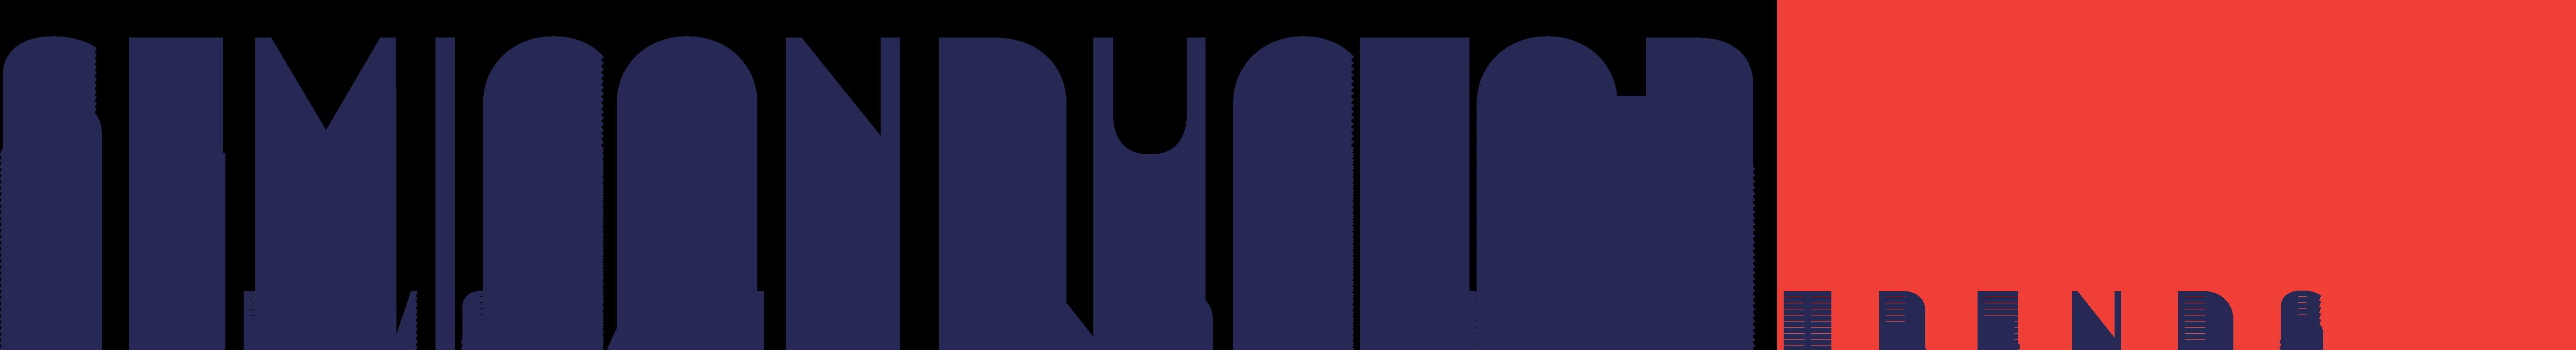 SemiconductorDigest-Logo